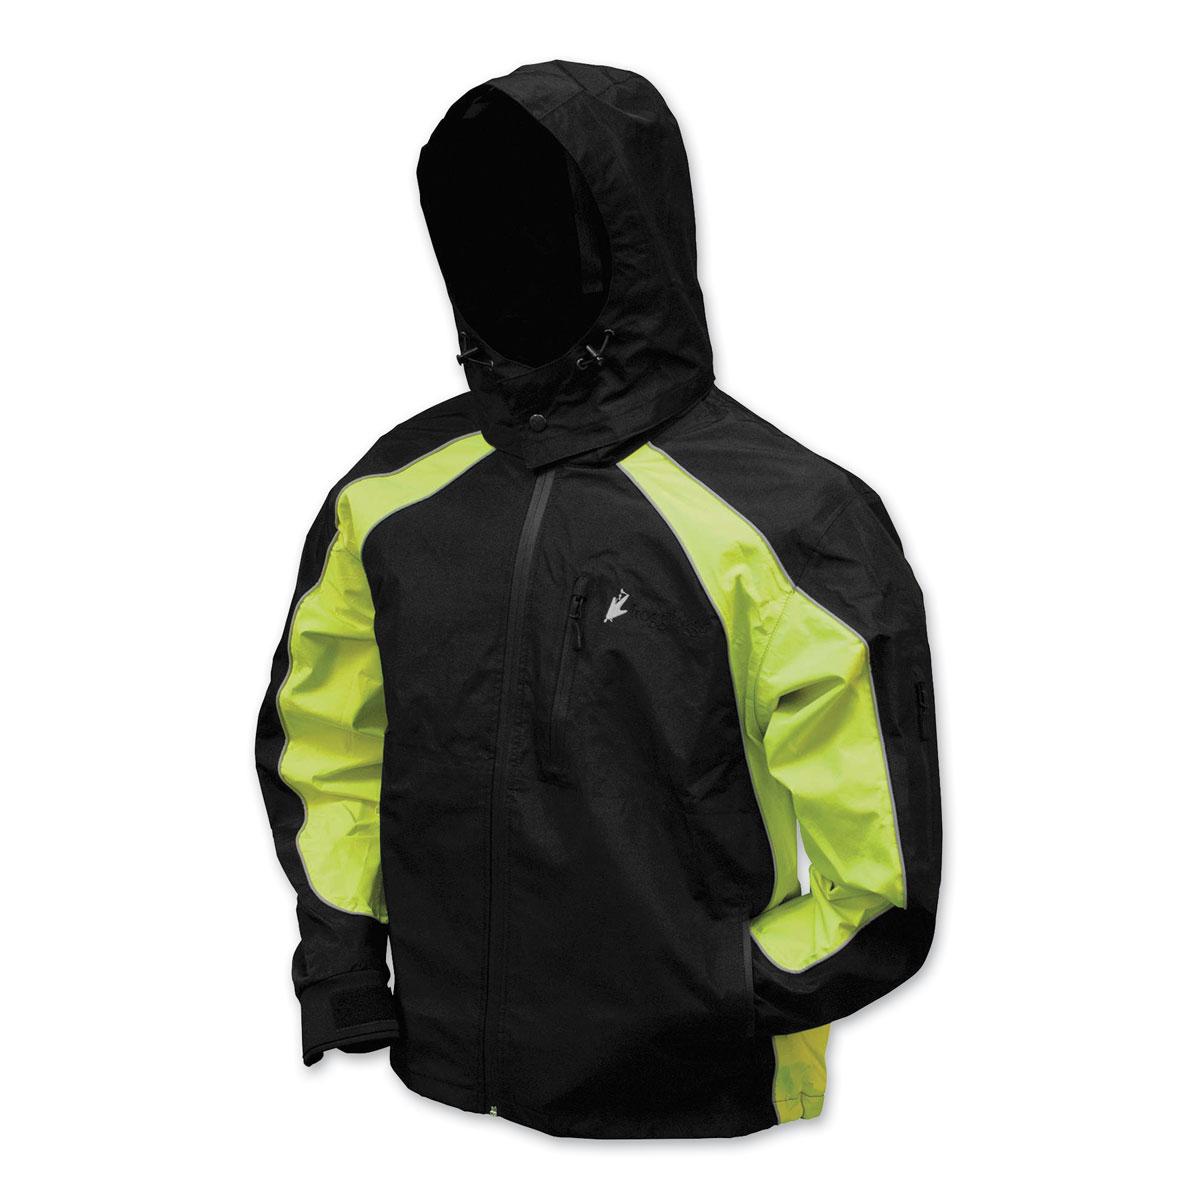 Frogg Toggs Men's Kikker II Black/Hi-Viz Rain Jacket